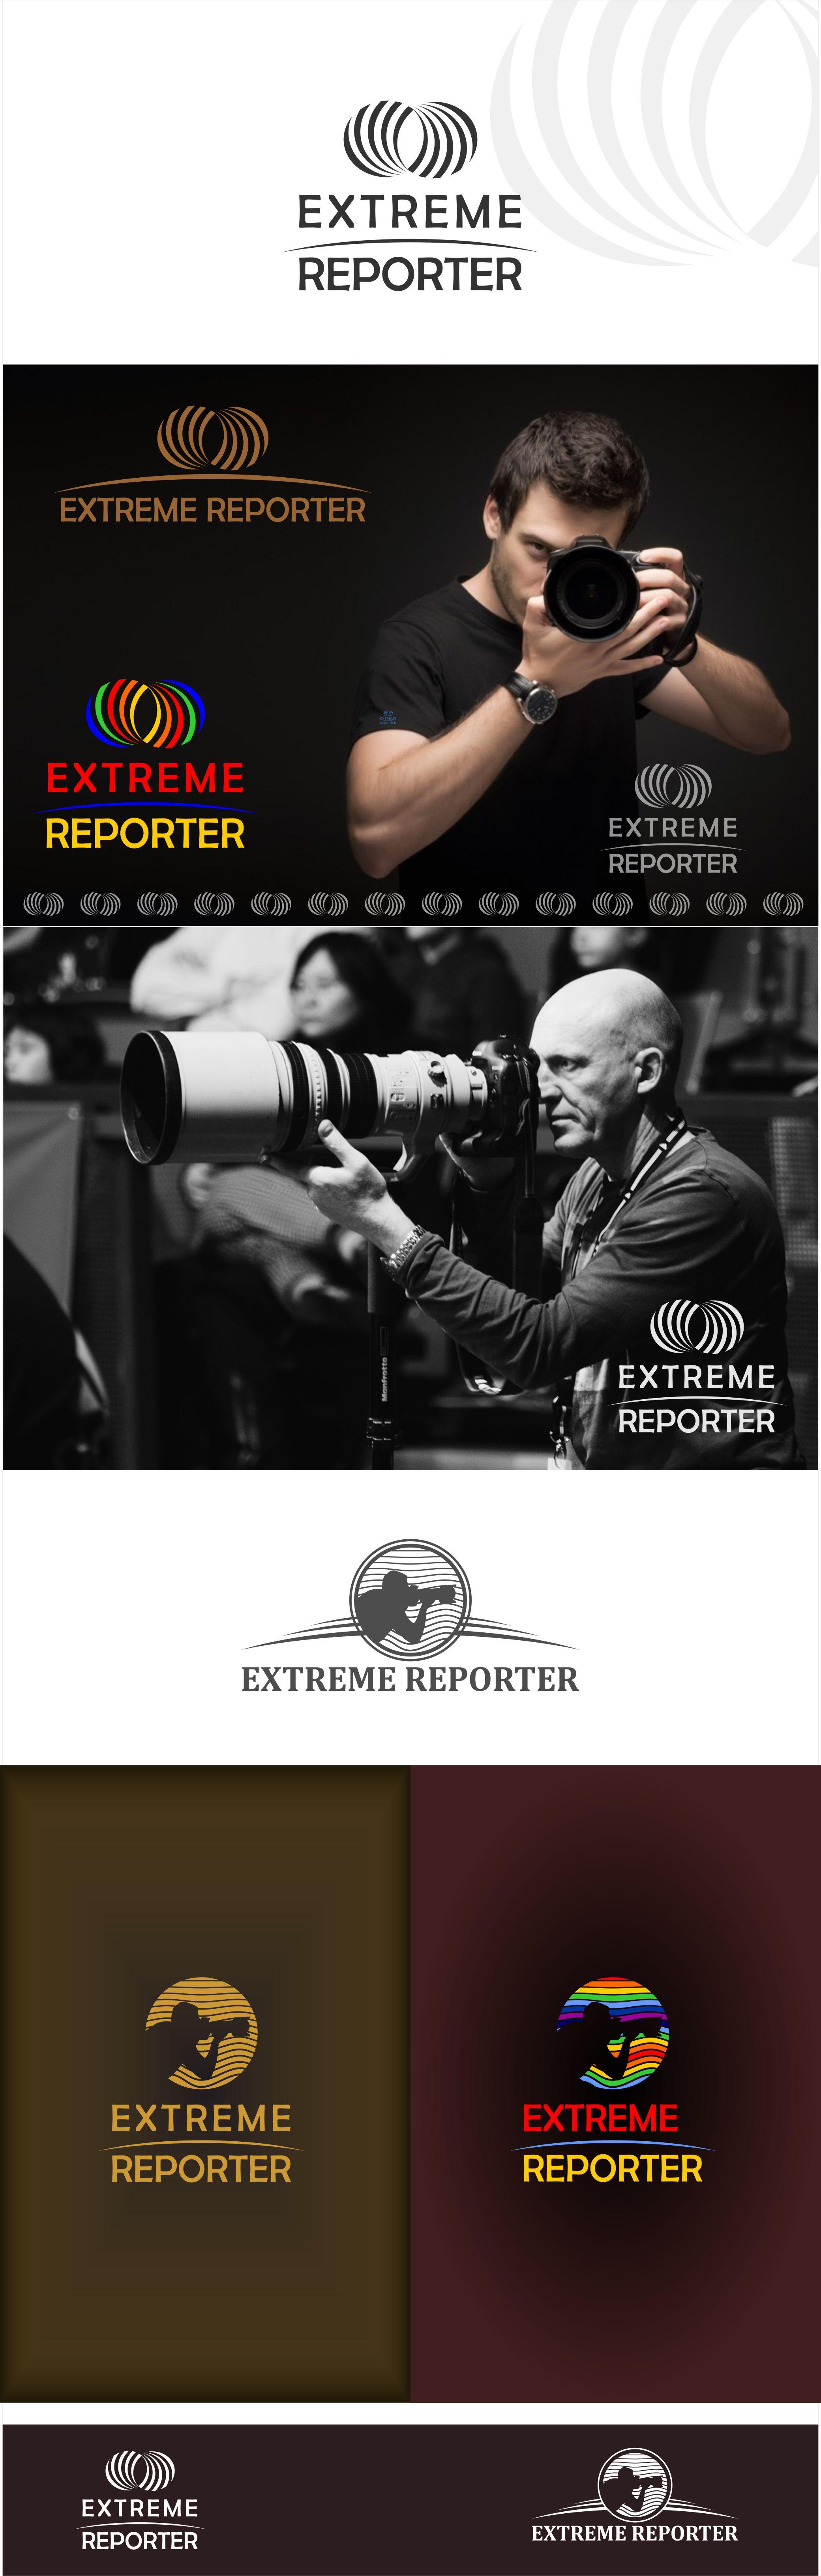 Логотип для экстрим фотографа.  фото f_6535a536d5c0587d.jpg